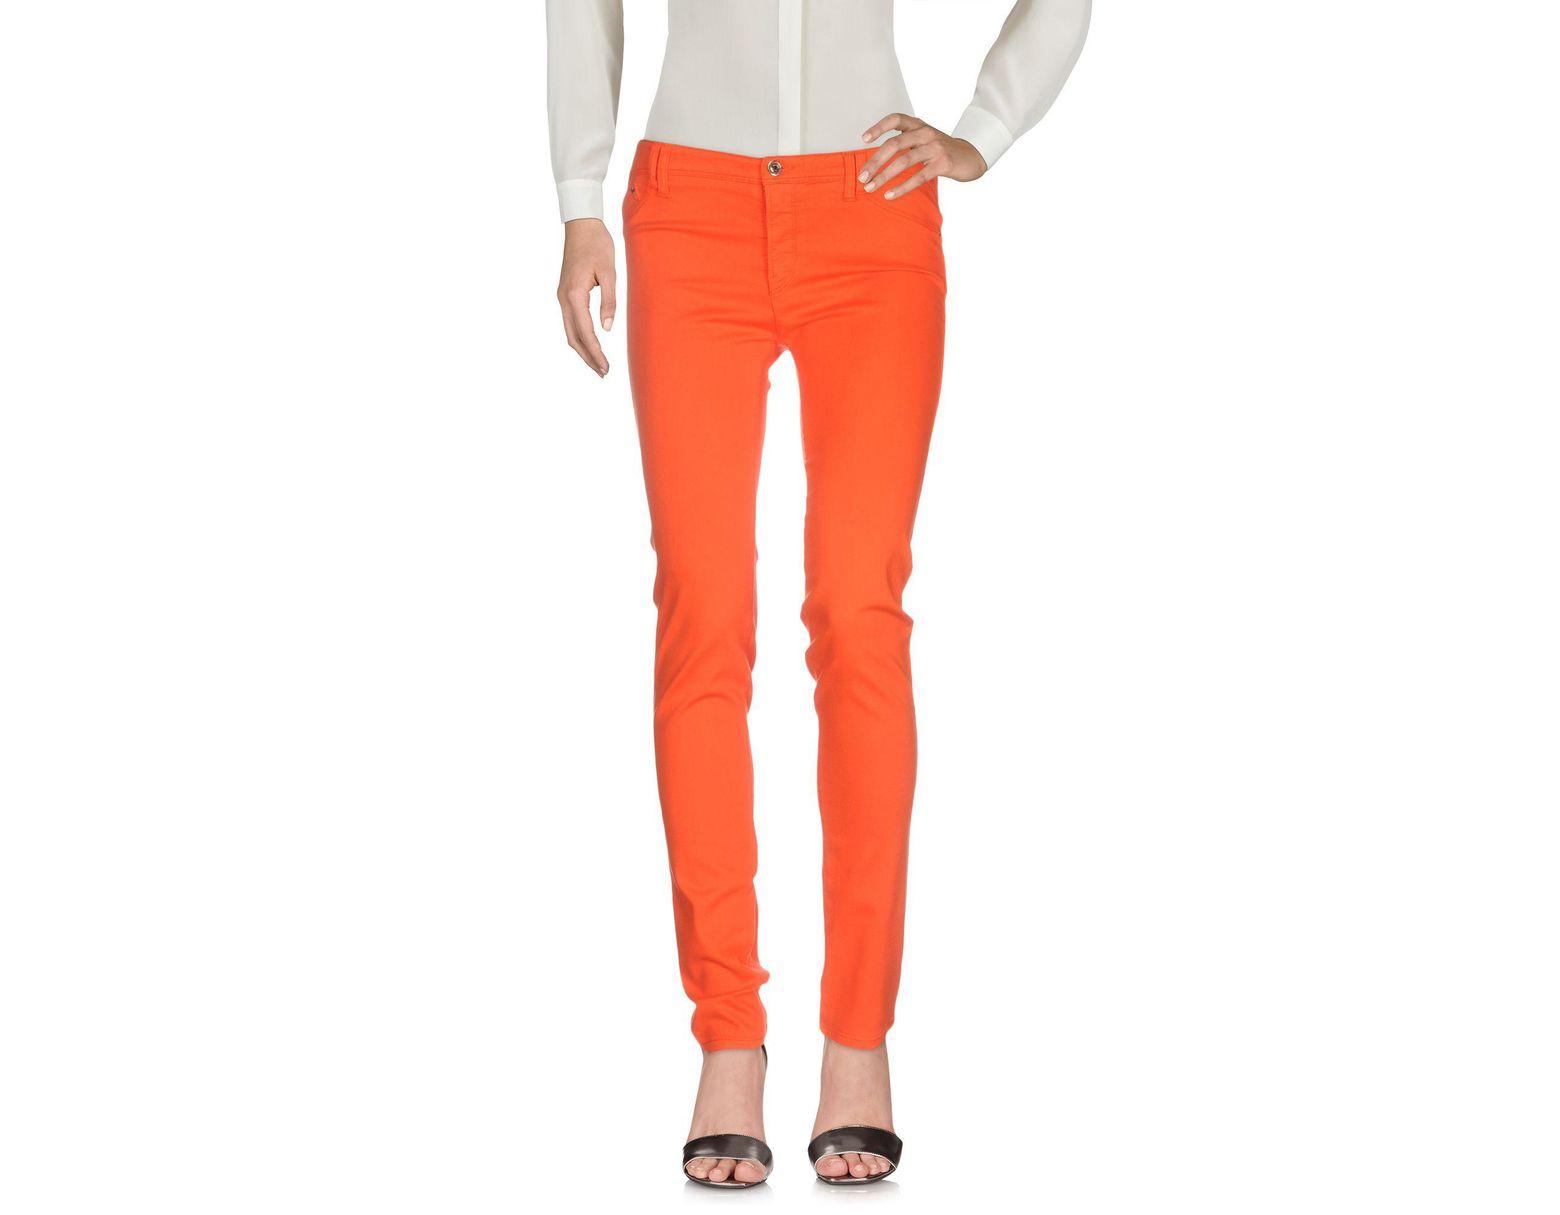 Pantalon Coloris Orange Lyst Jeans En Armani yf6vb7gY